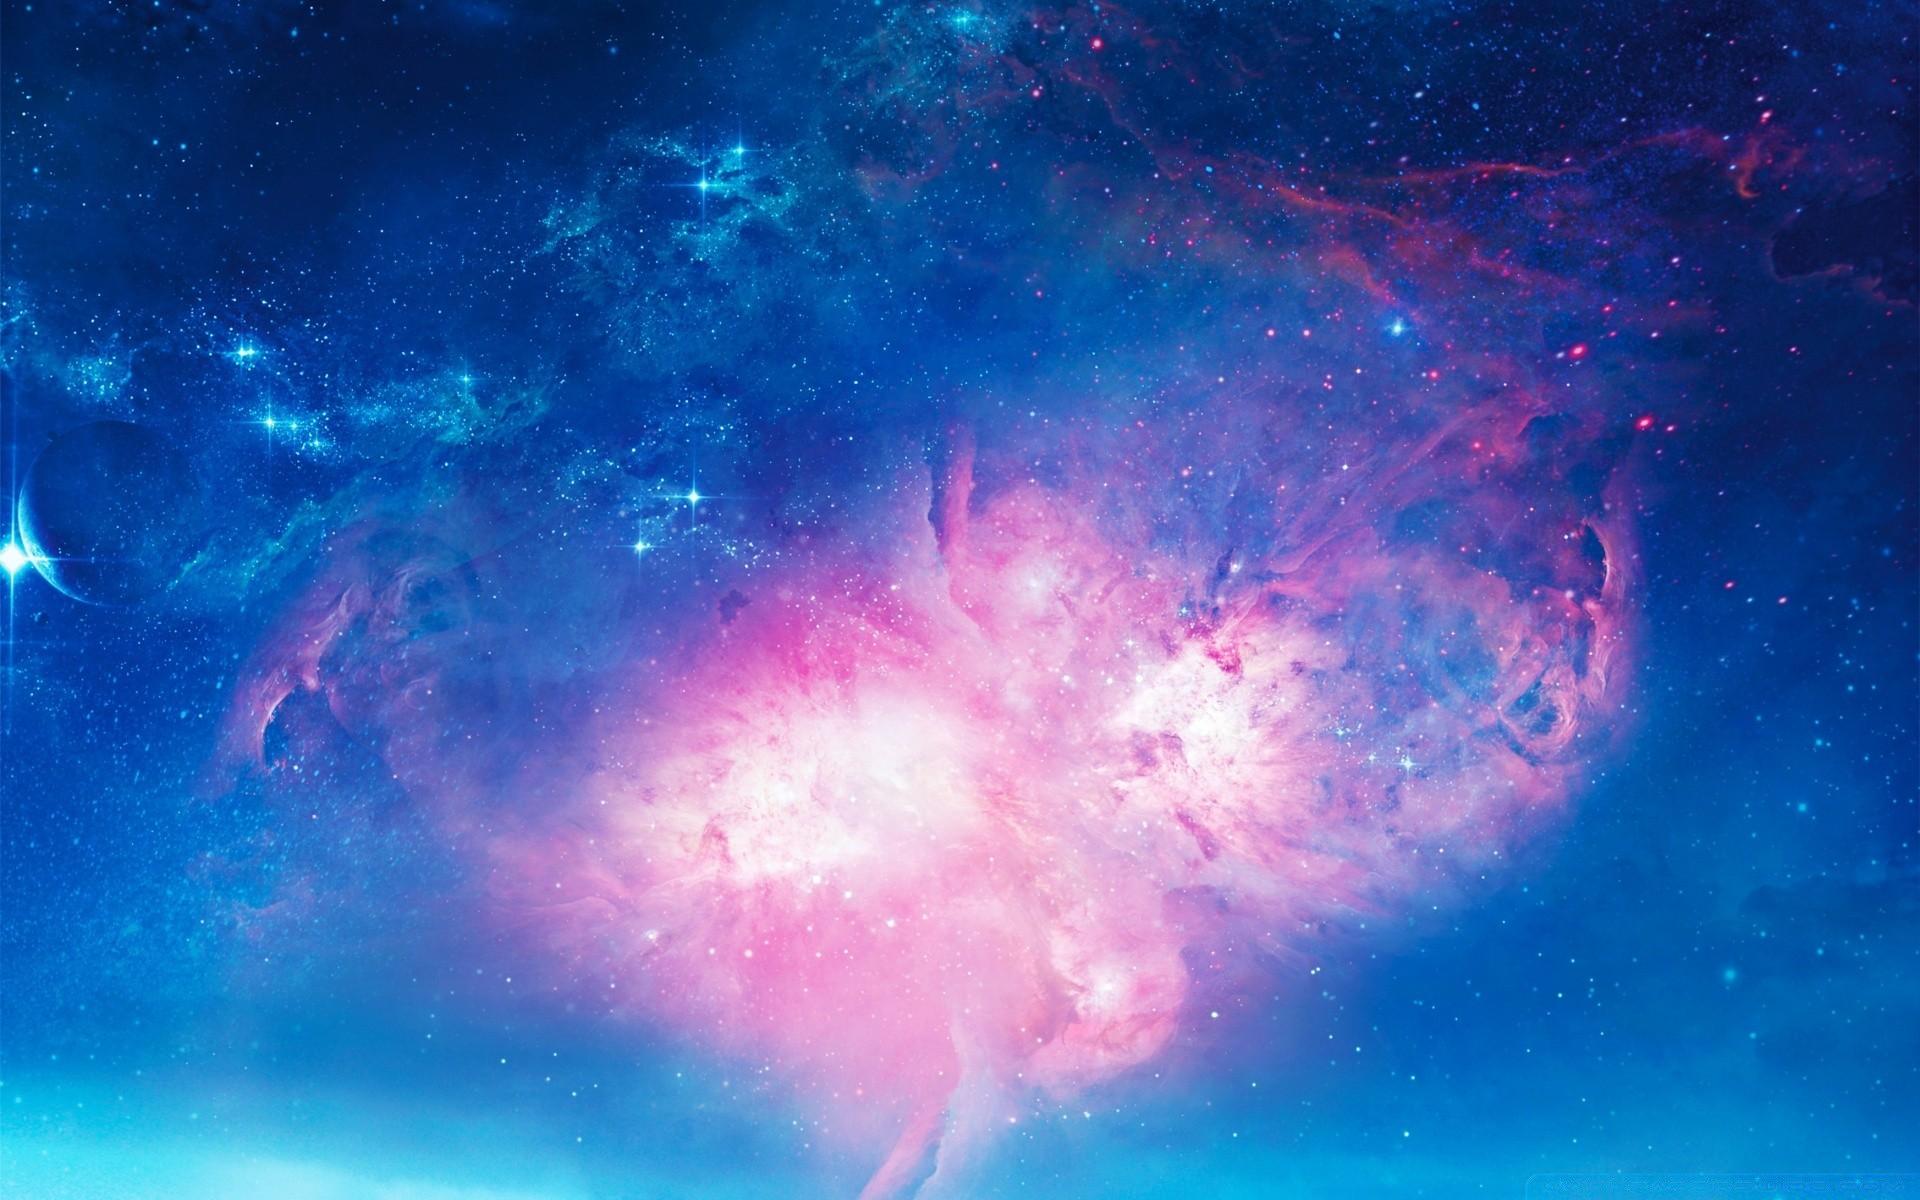 потом, вряд обои на рабочий стол розовый космос этой фотографии есть